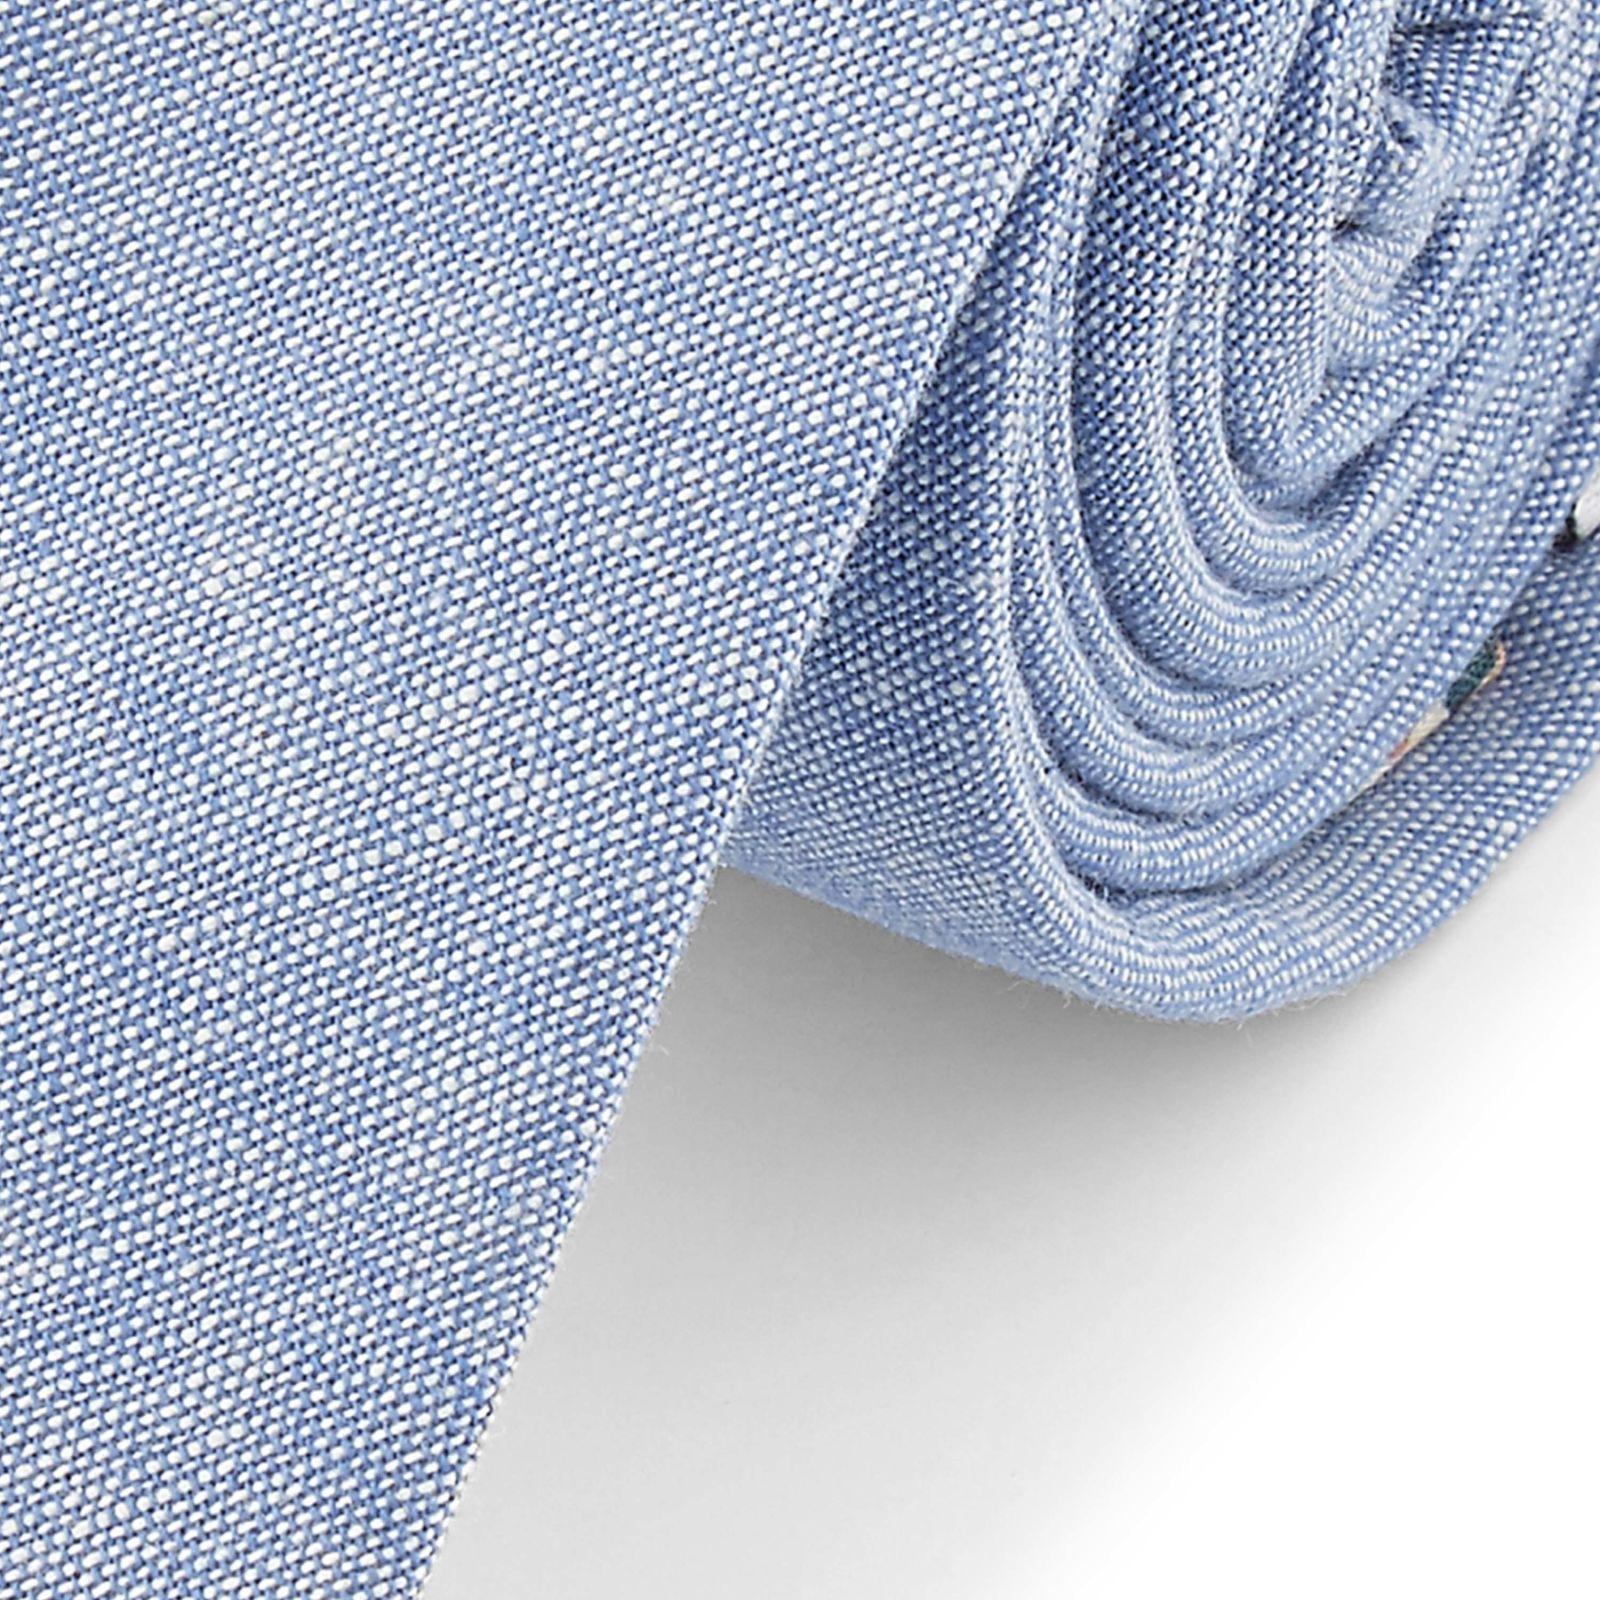 Cravatta celeste  2b62b7aae351